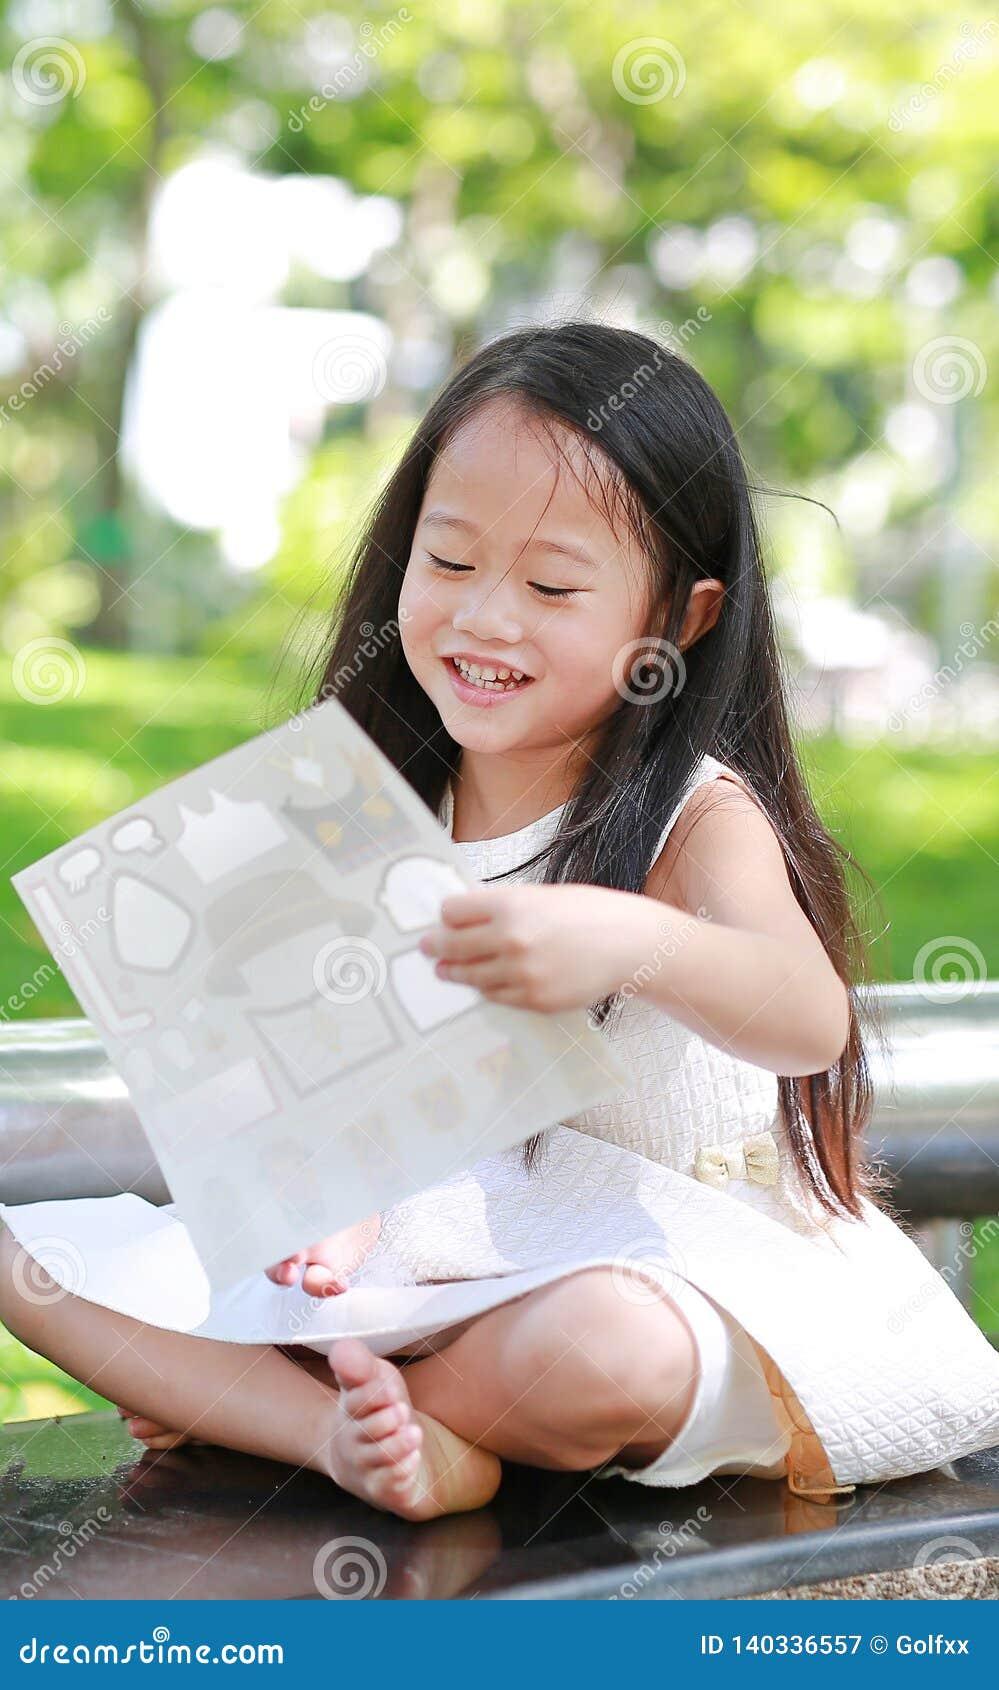 演奏贴纸的愉快的矮小的亚裔儿童女孩在绿色公园